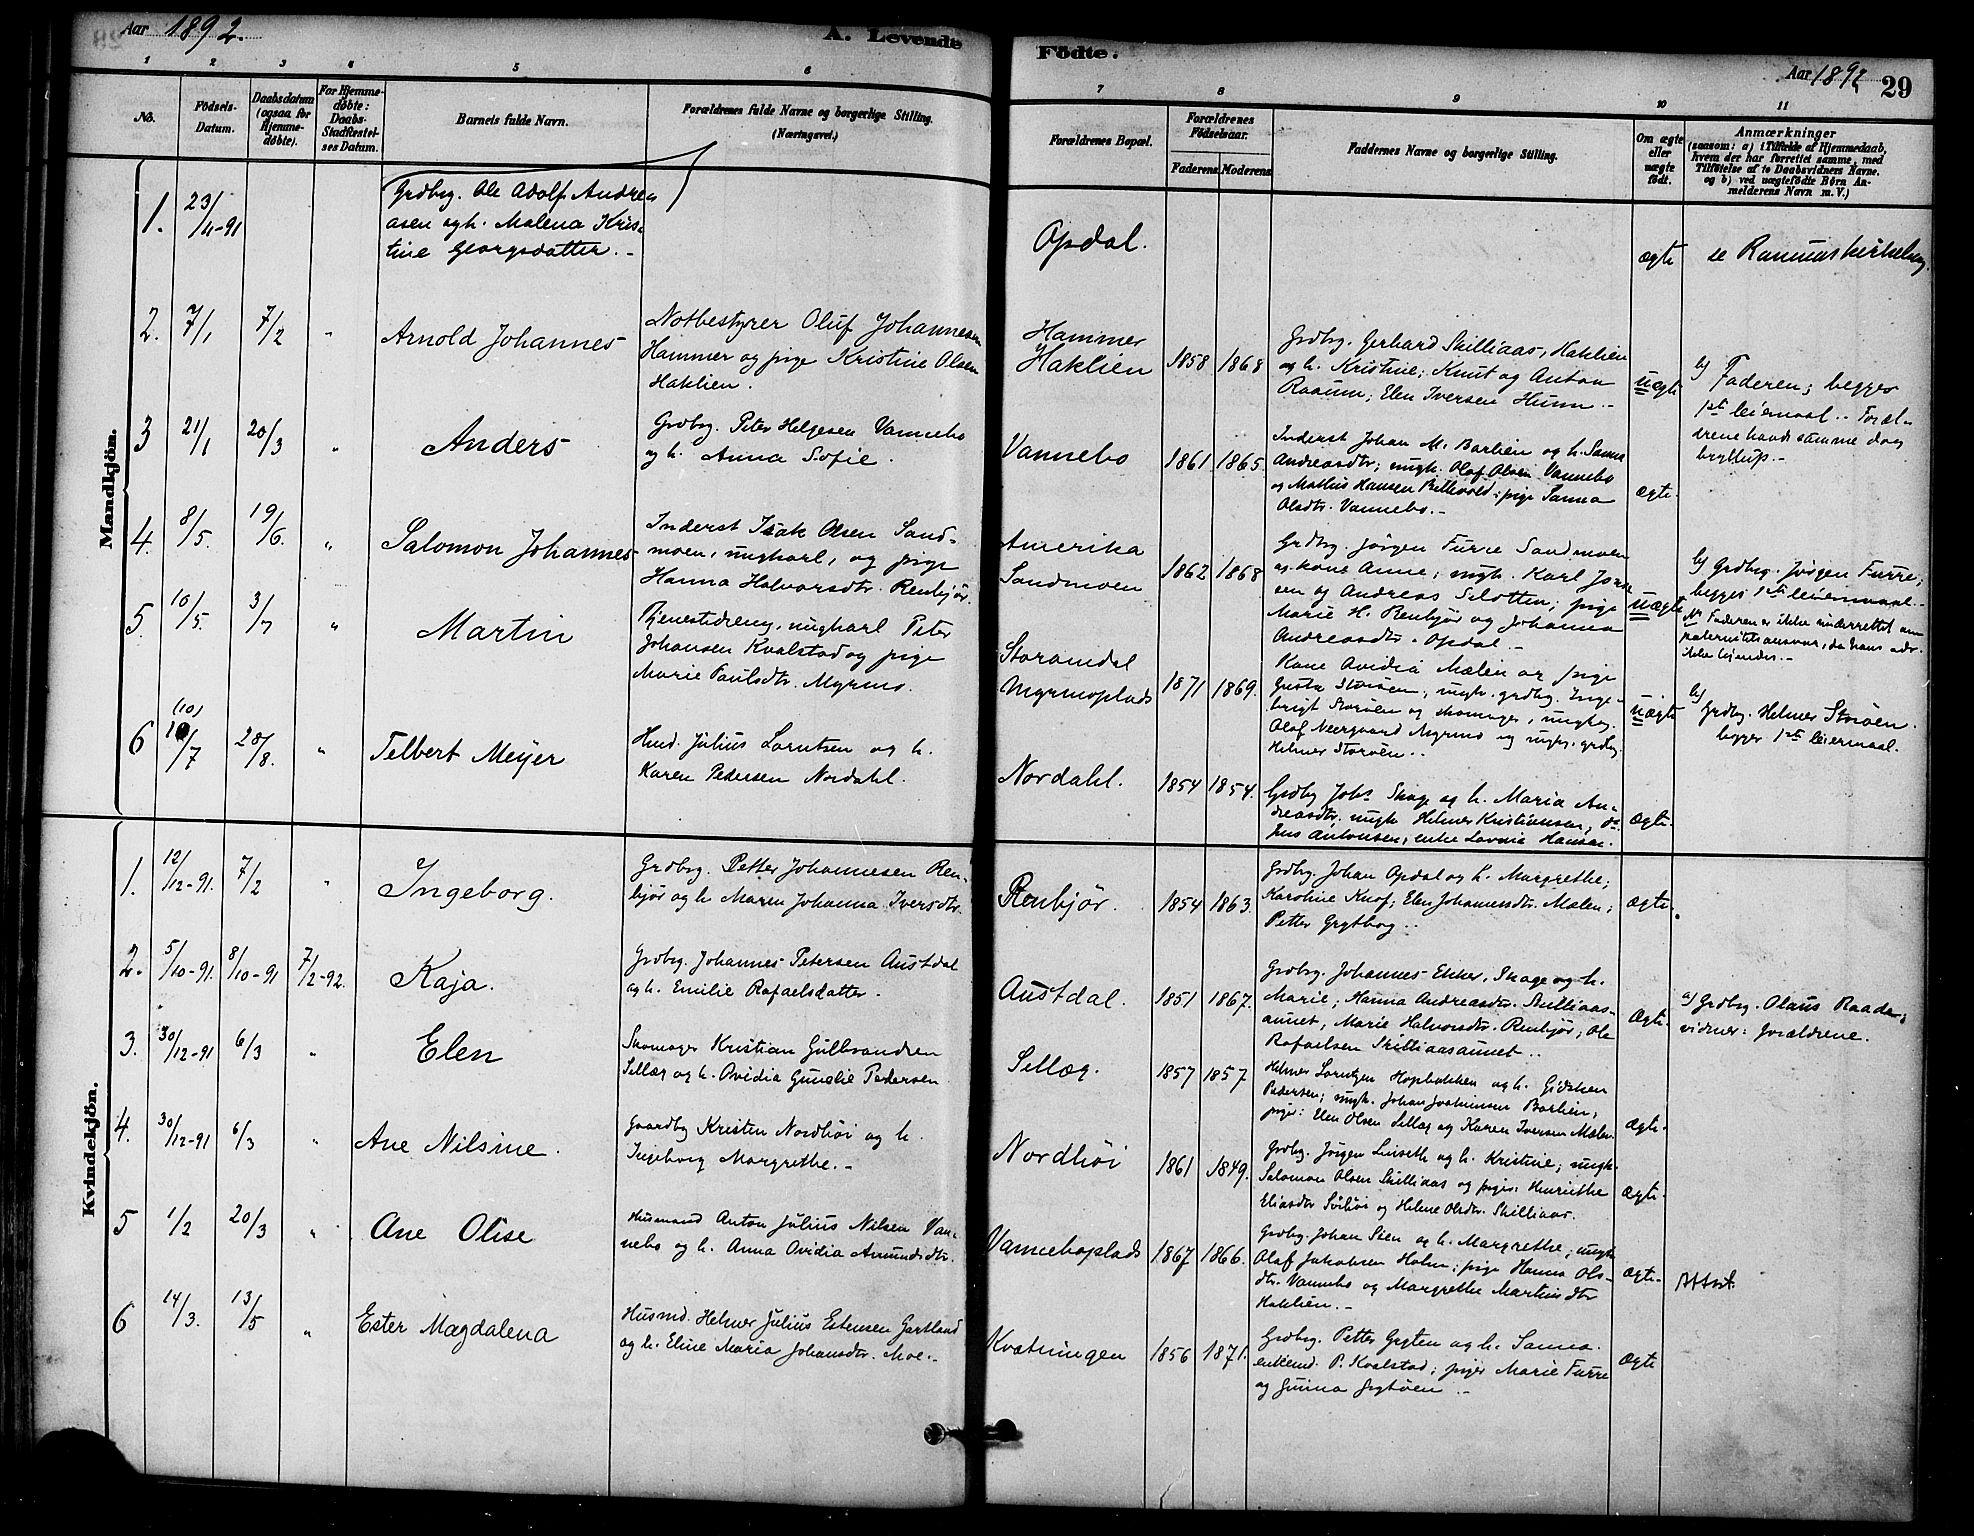 SAT, Ministerialprotokoller, klokkerbøker og fødselsregistre - Nord-Trøndelag, 766/L0563: Ministerialbok nr. 767A01, 1881-1899, s. 29